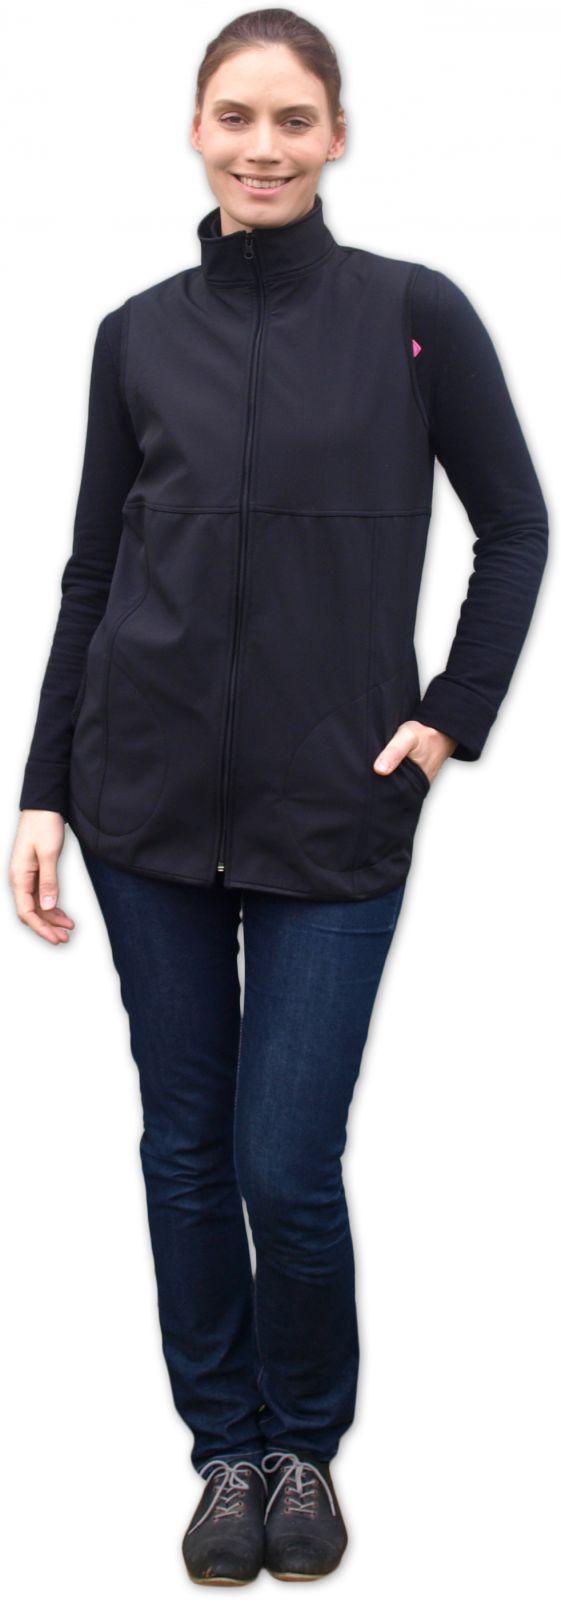 a1800615033a Softshellová vesta pre tehotné a na nosenie detí čierna